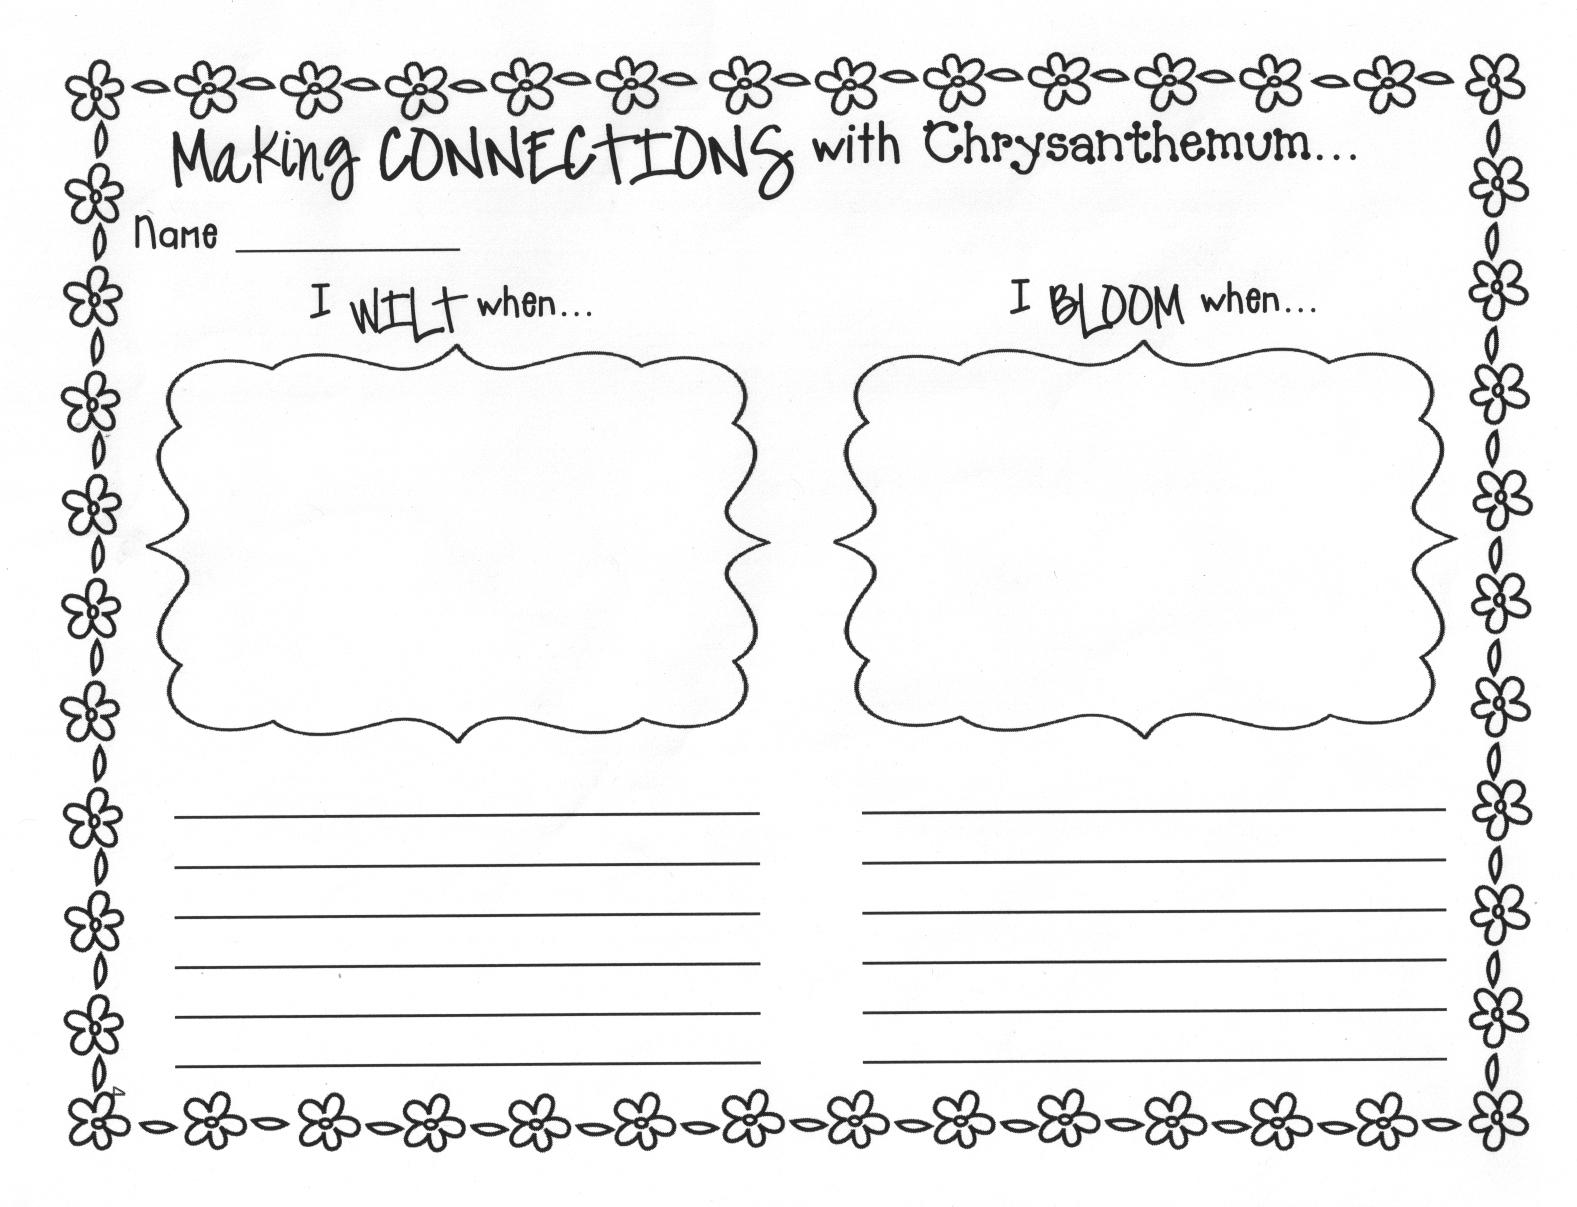 Chrysanthemum Worksheets | Free Printables Worksheet - Chrysanthemum Free Printable Activities